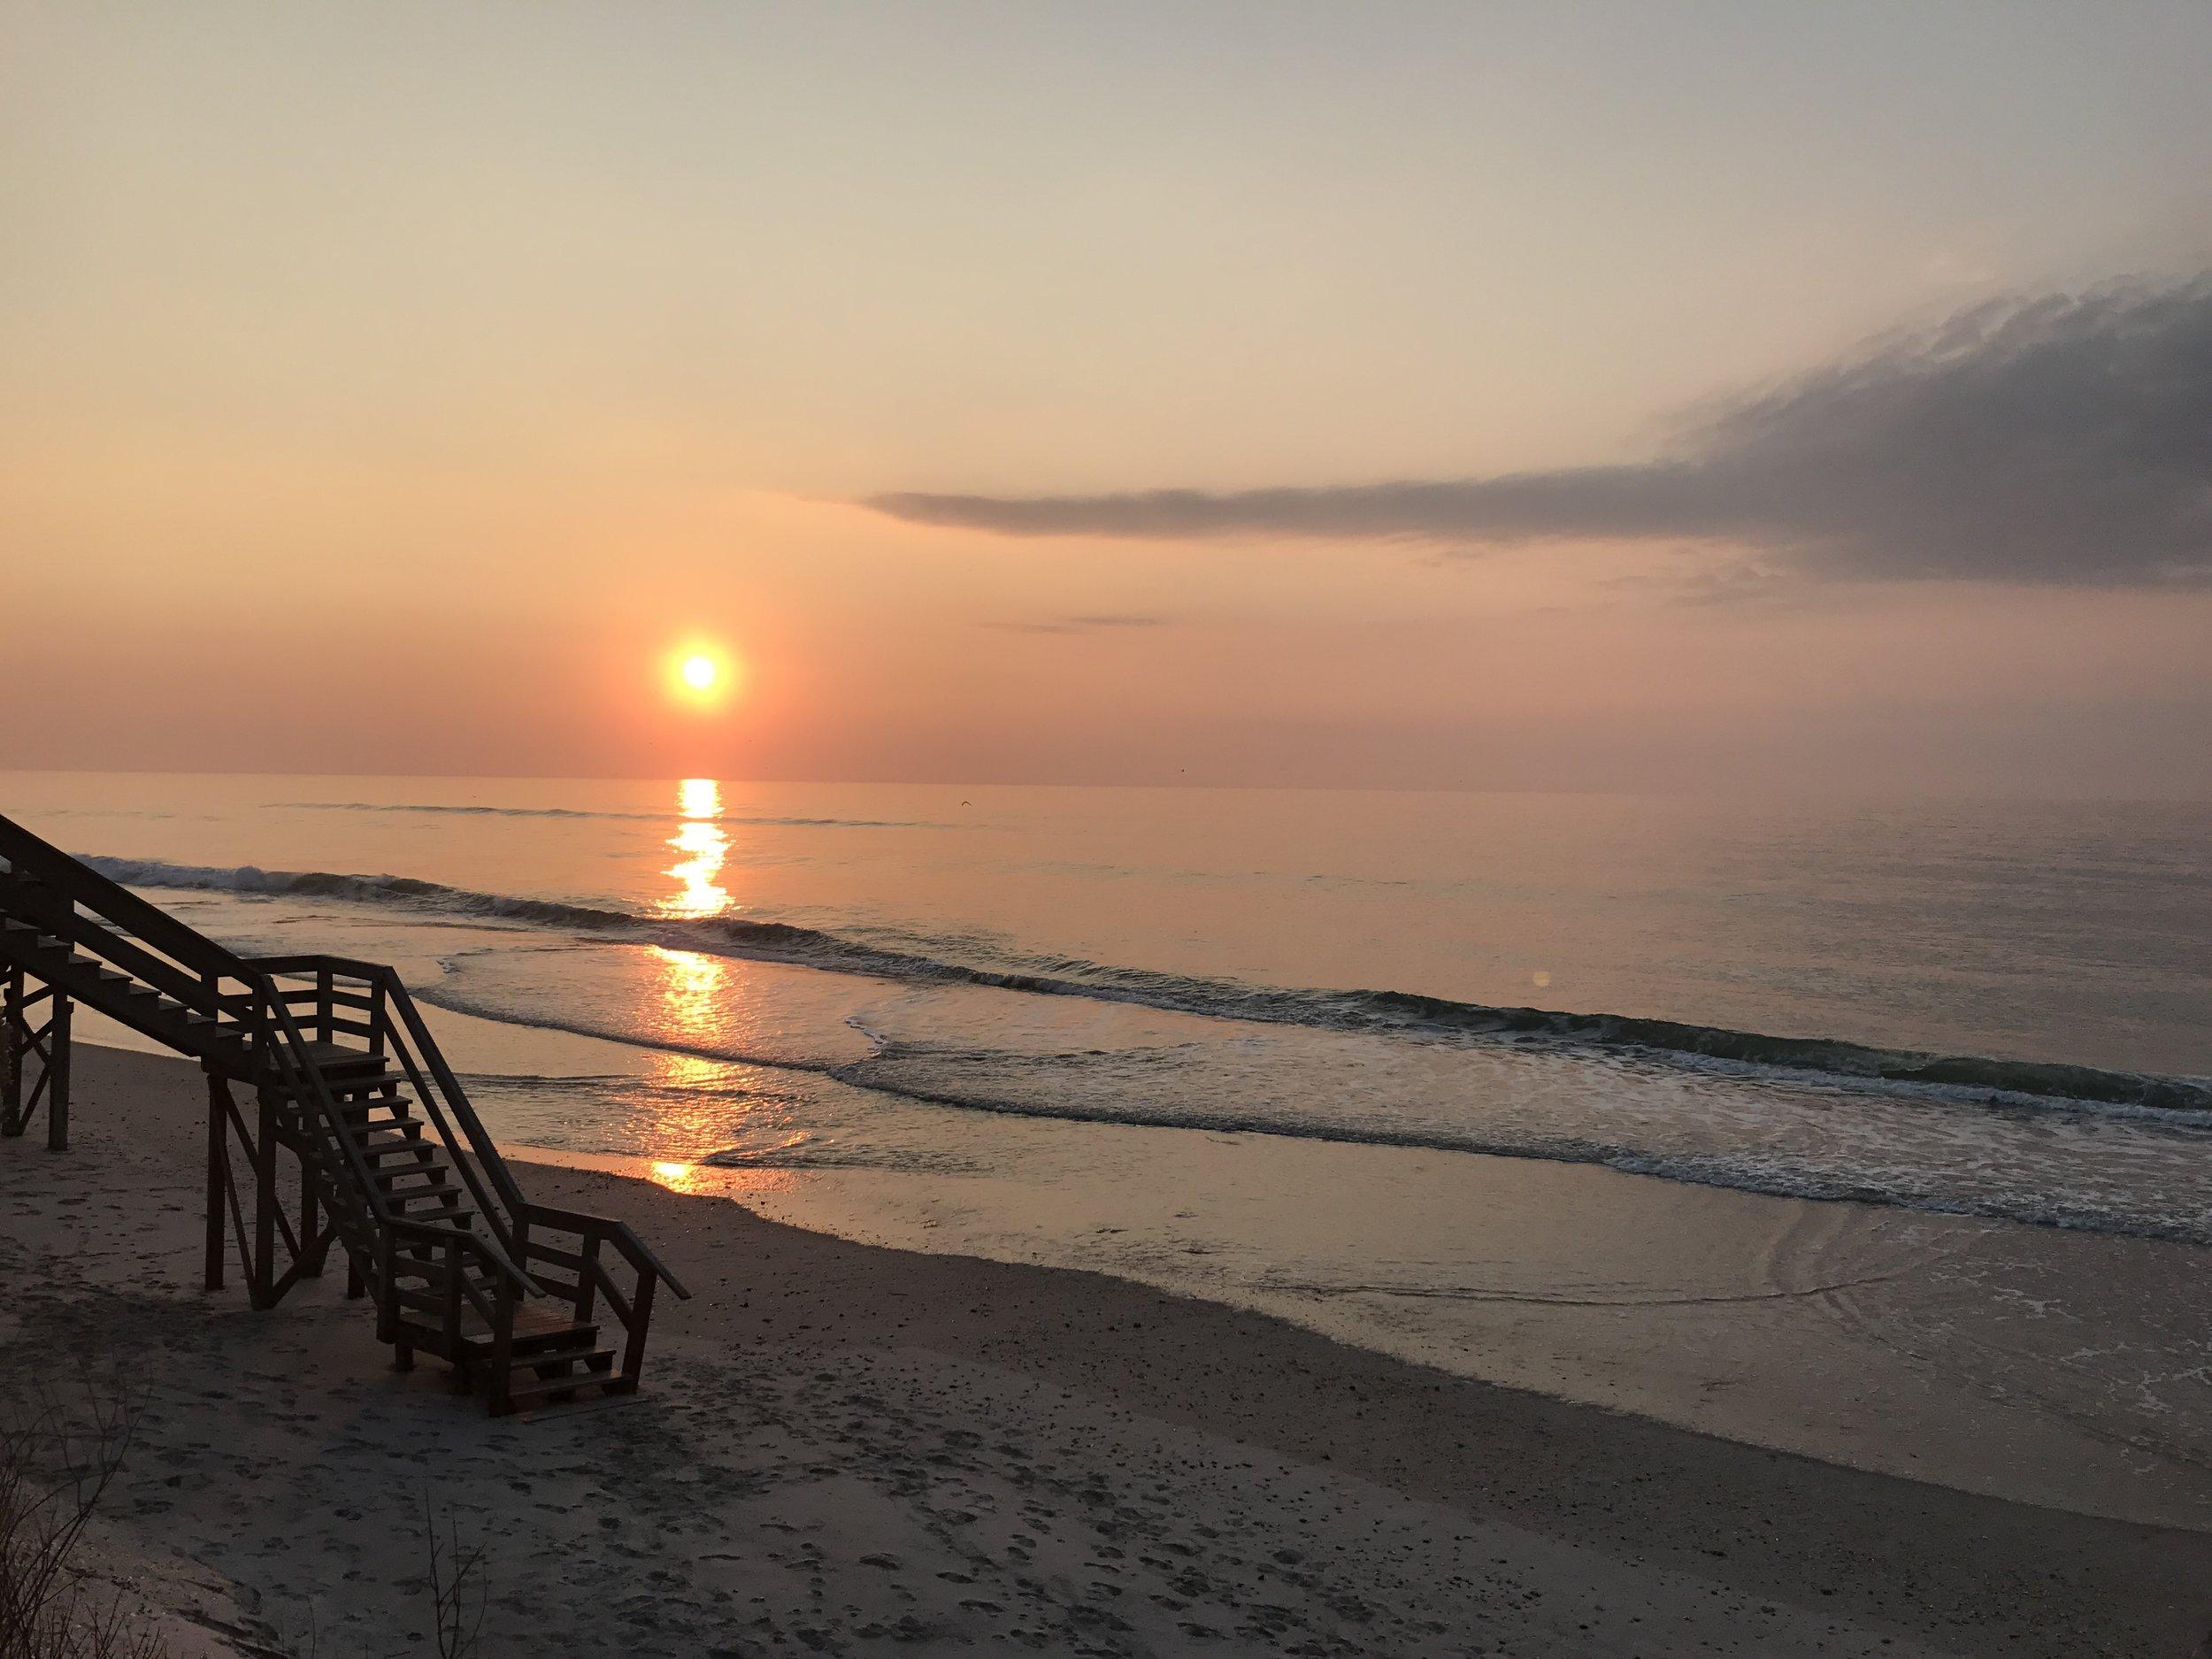 sunrise over ocean.JPG